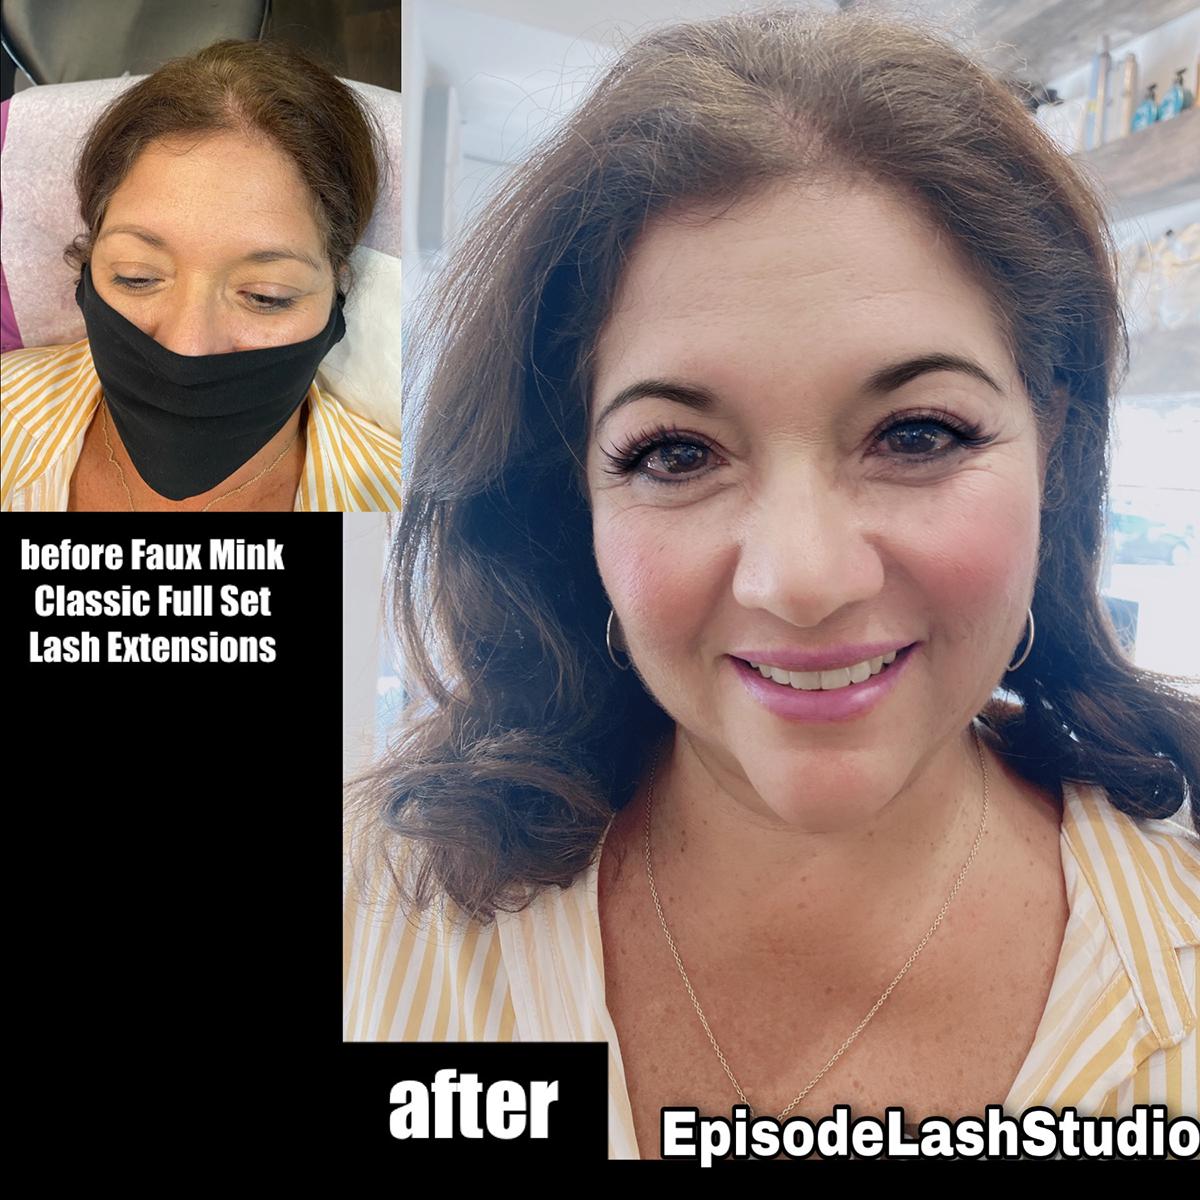 Episode-Lash-Studio-777